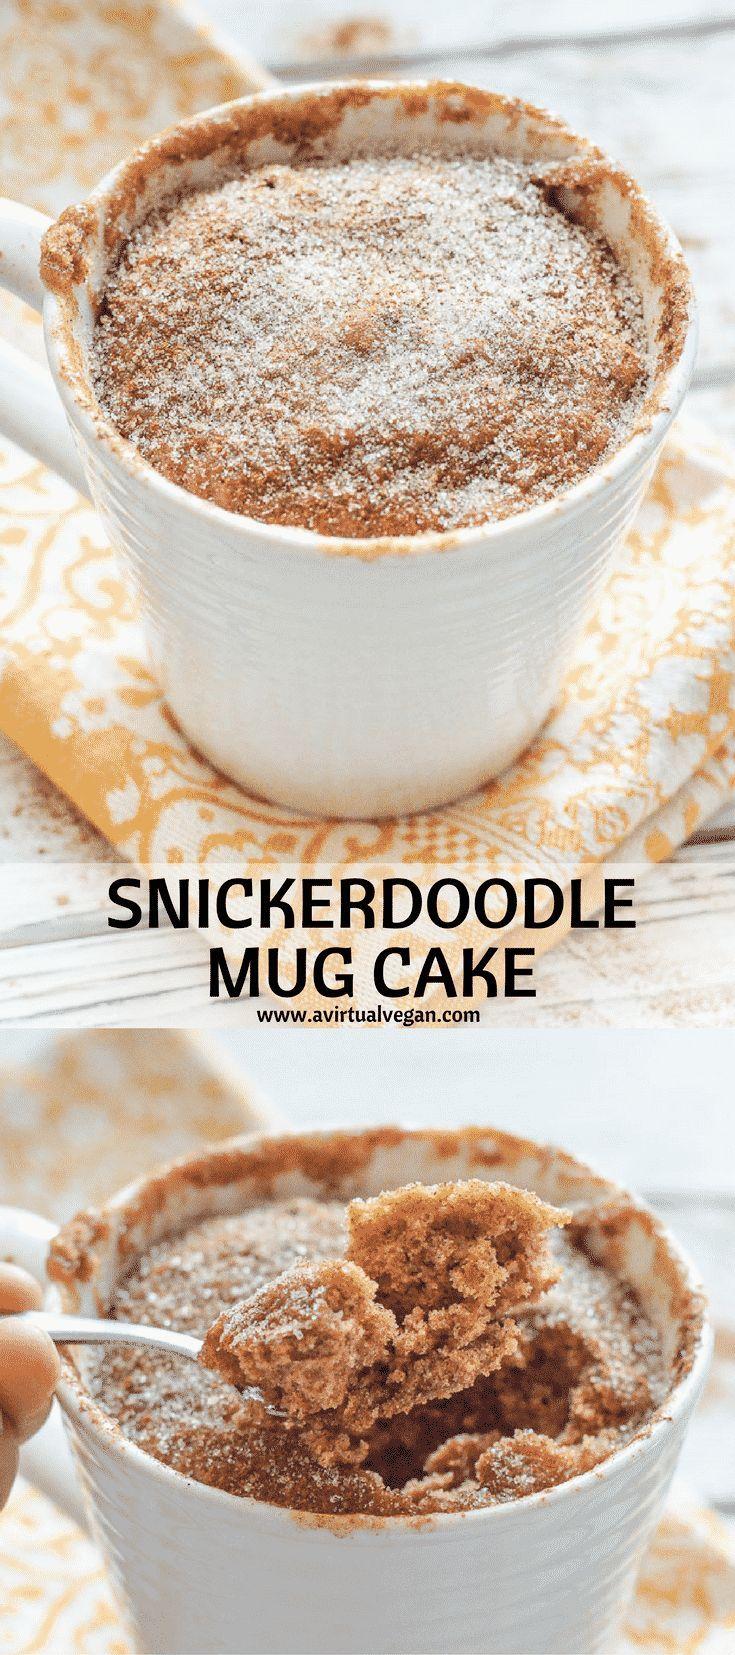 Snickerdoodle Mug Cake | Recipe | Mug recipes, Vegan mug ...